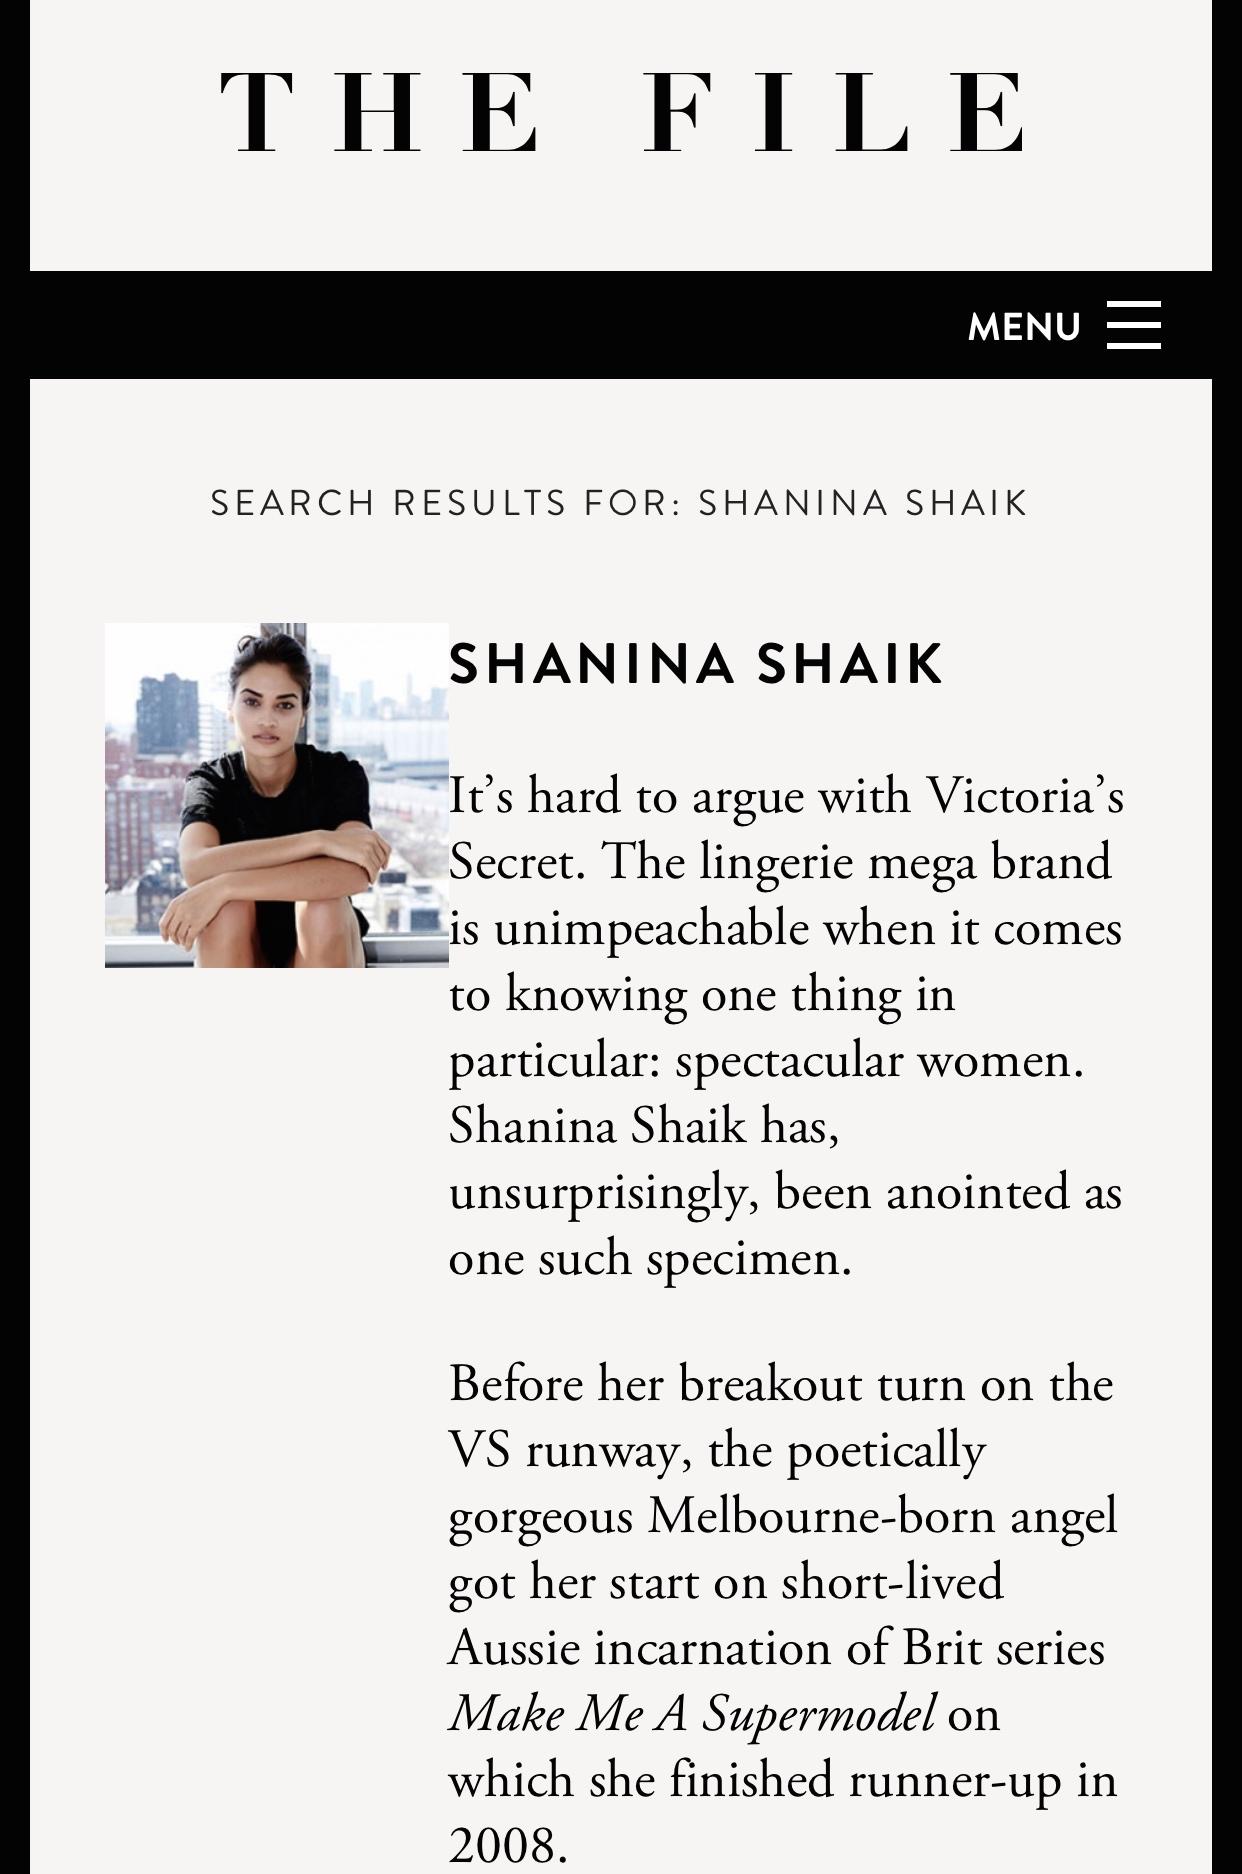 THE FILE SHANINA SHAIK